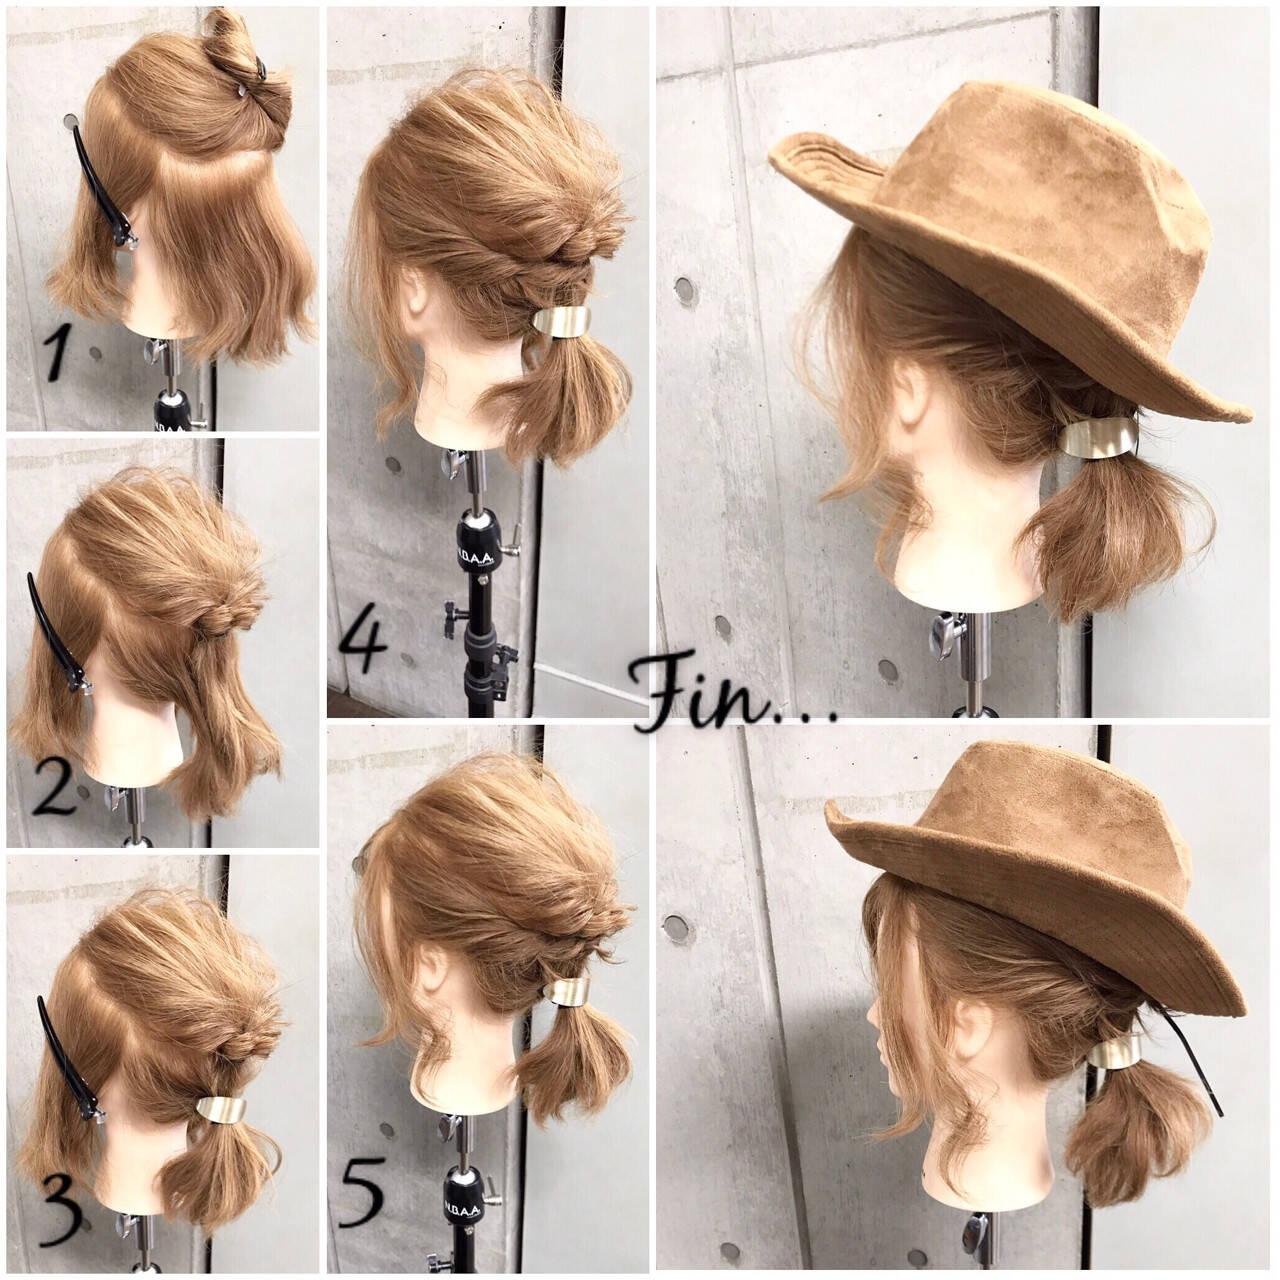 ナチュラル ヘアアレンジ ボブ 簡単ヘアアレンジヘアスタイルや髪型の写真・画像